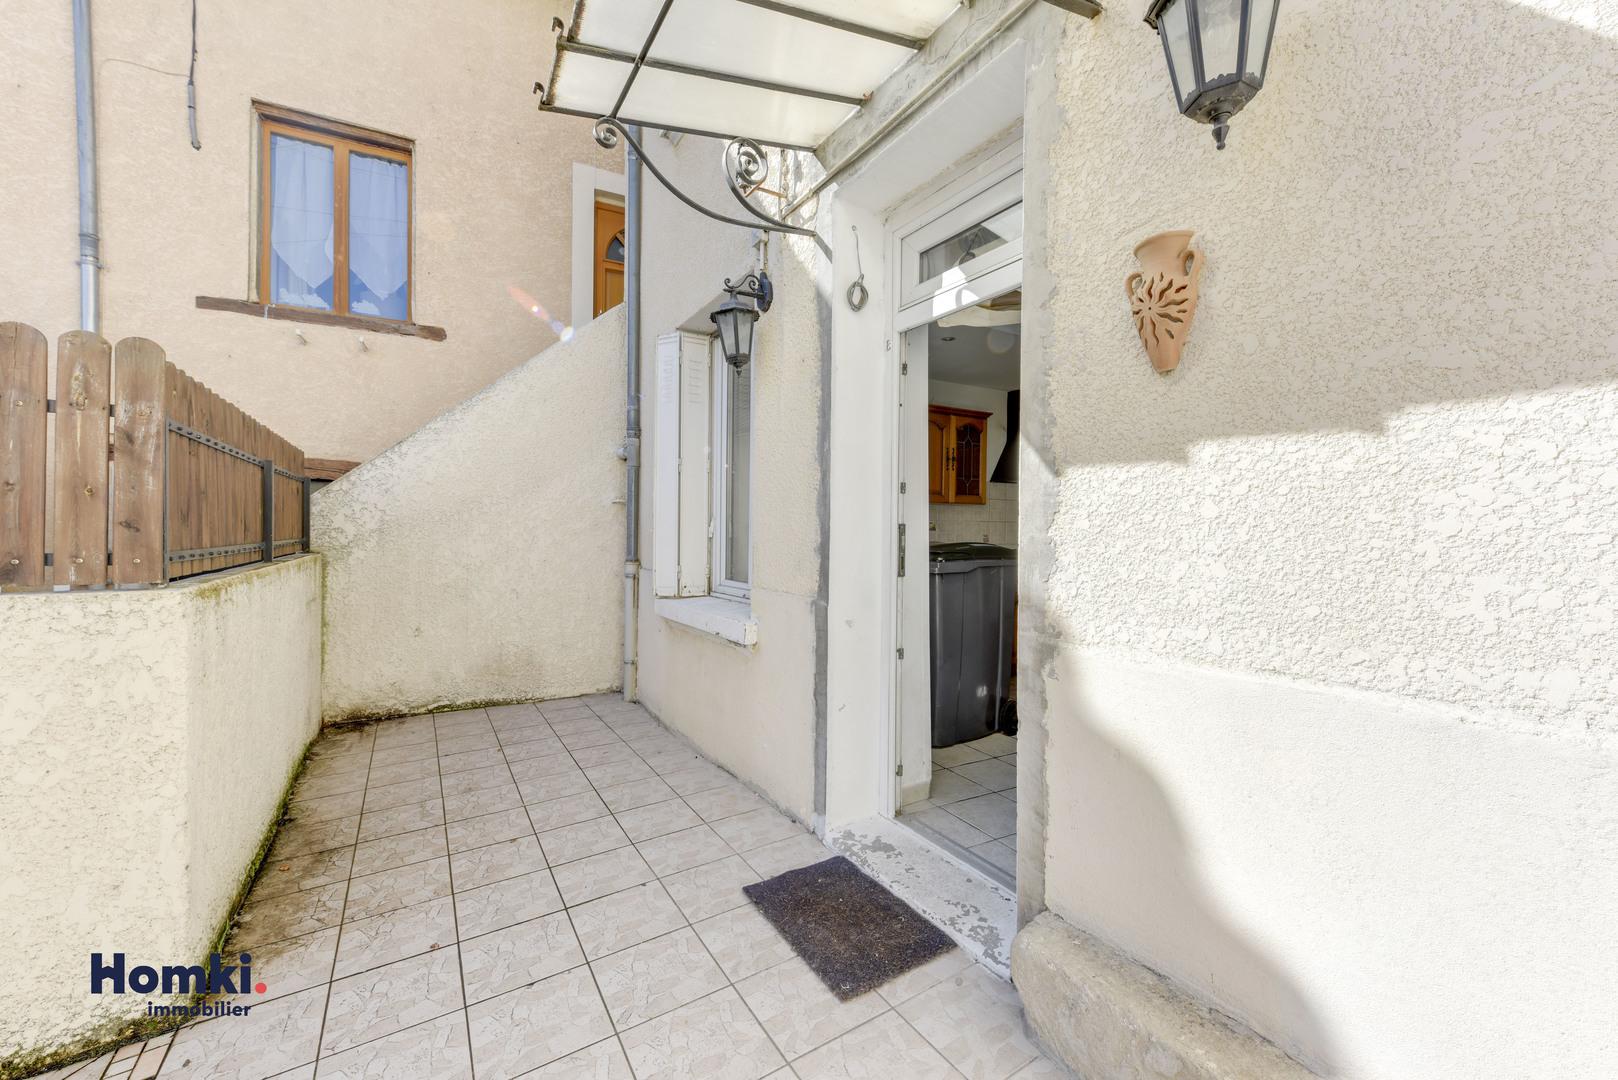 Maison I 113 m² I T4 I 38670 | photo 12